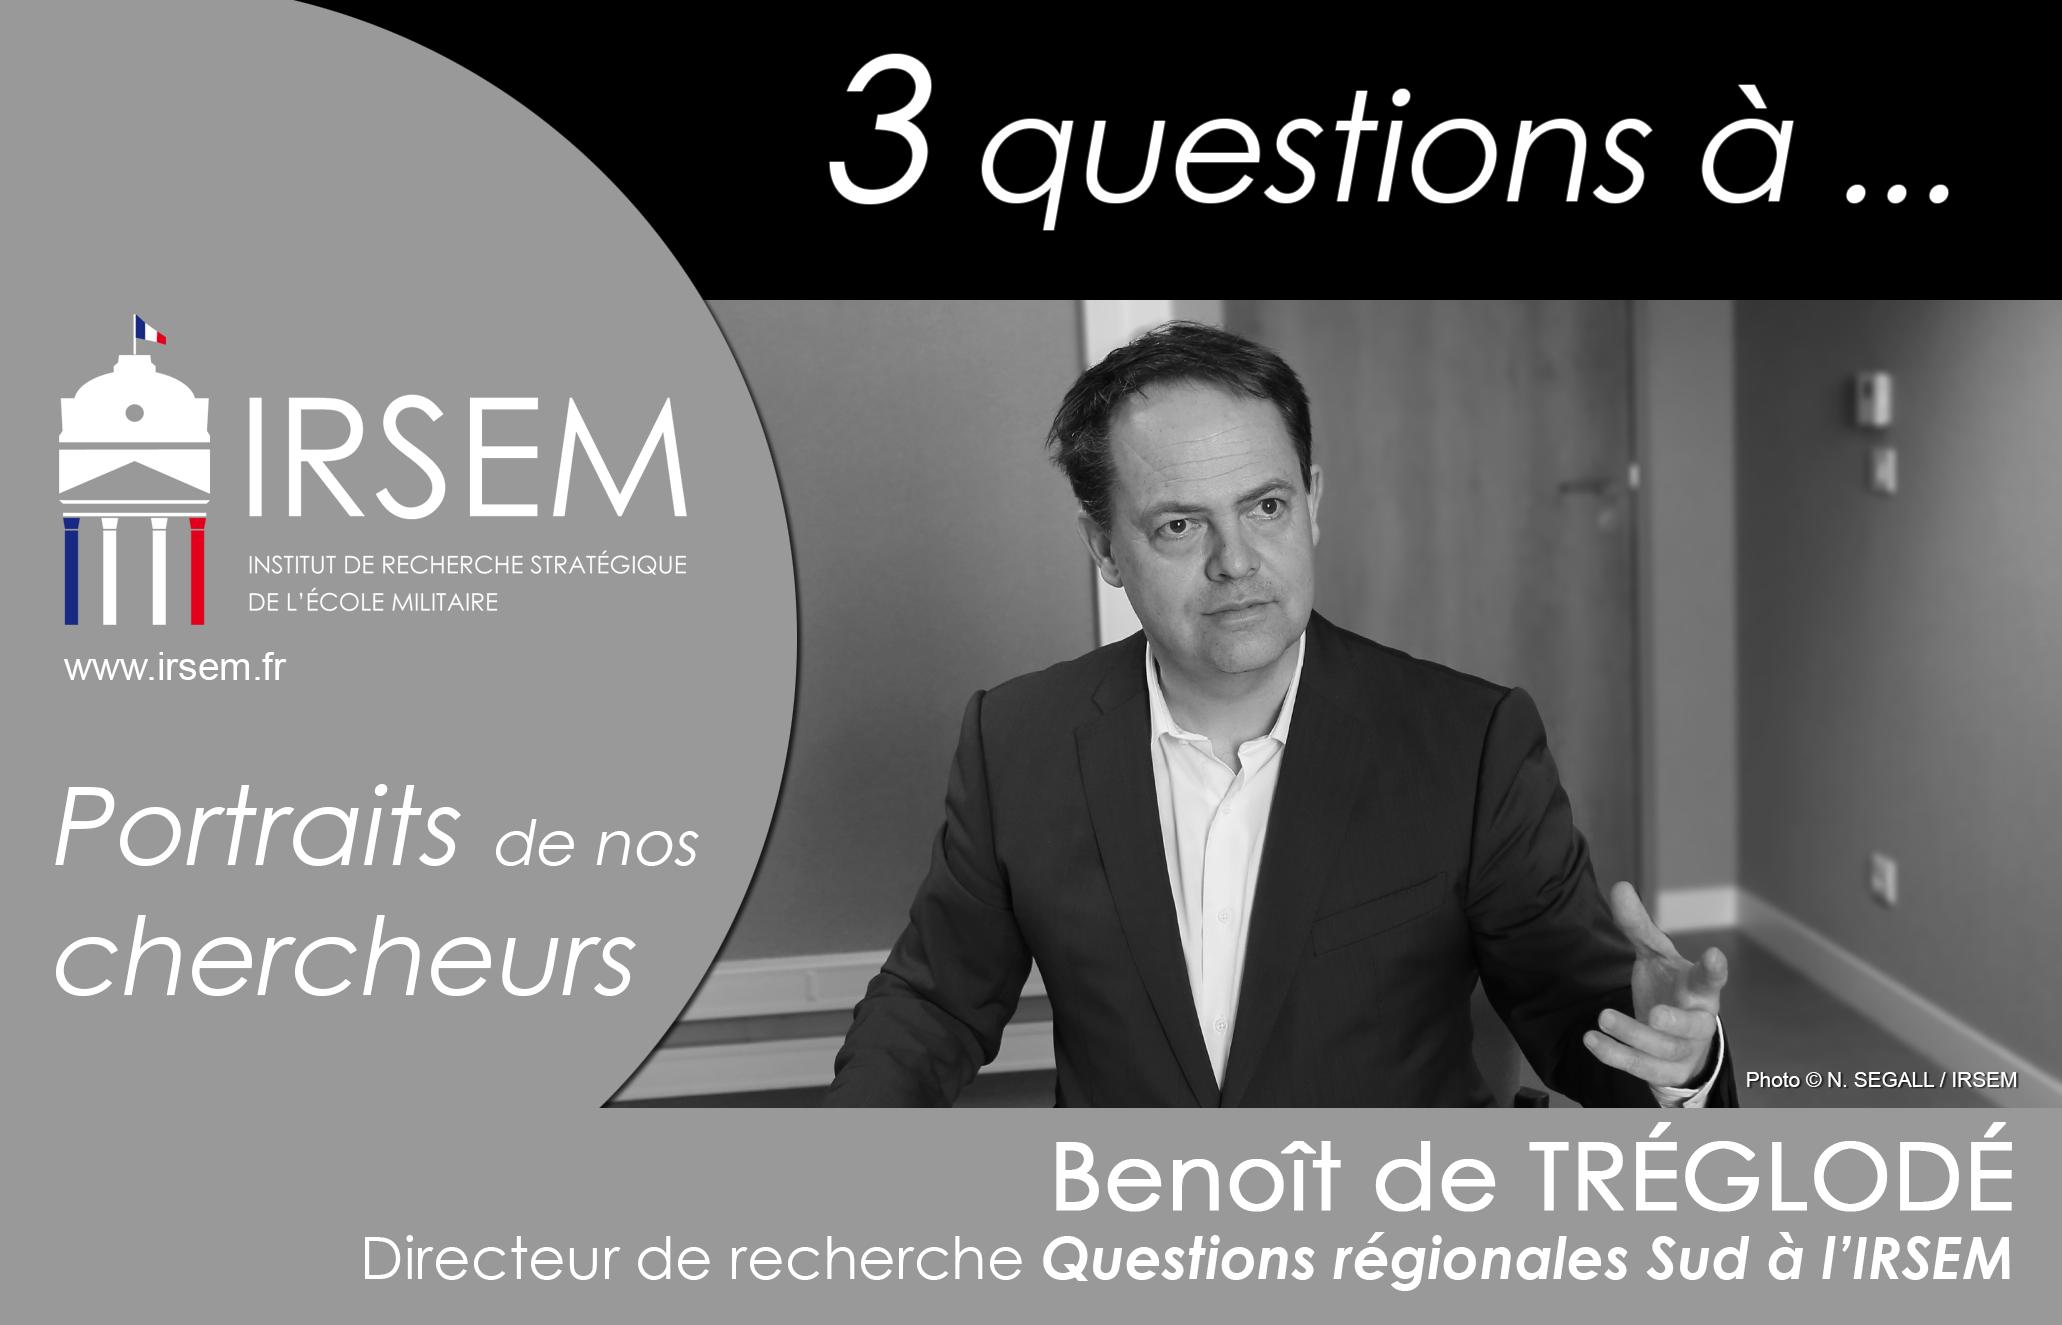 3 questions à... Benoît de TRÉGLODÉ